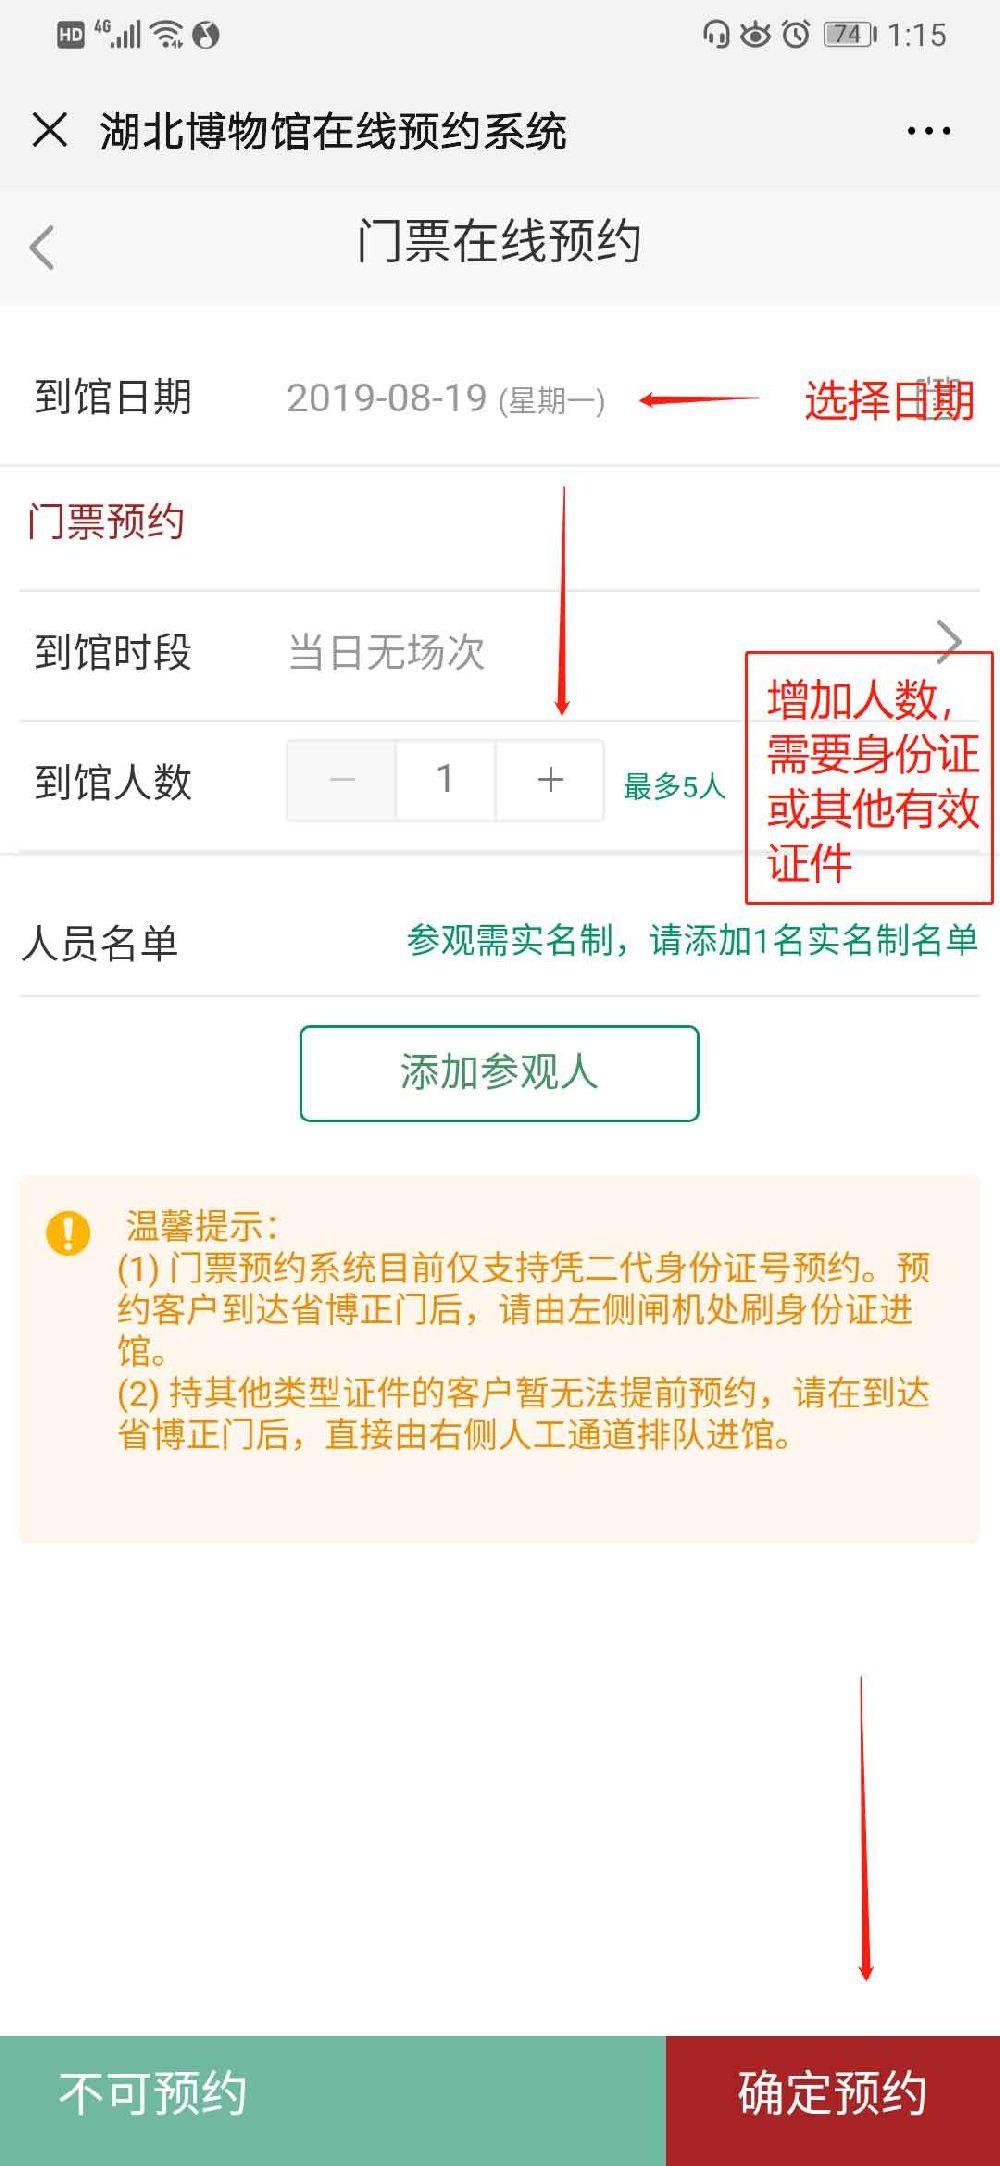 湖北省博物馆门票多少钱 需要预约吗